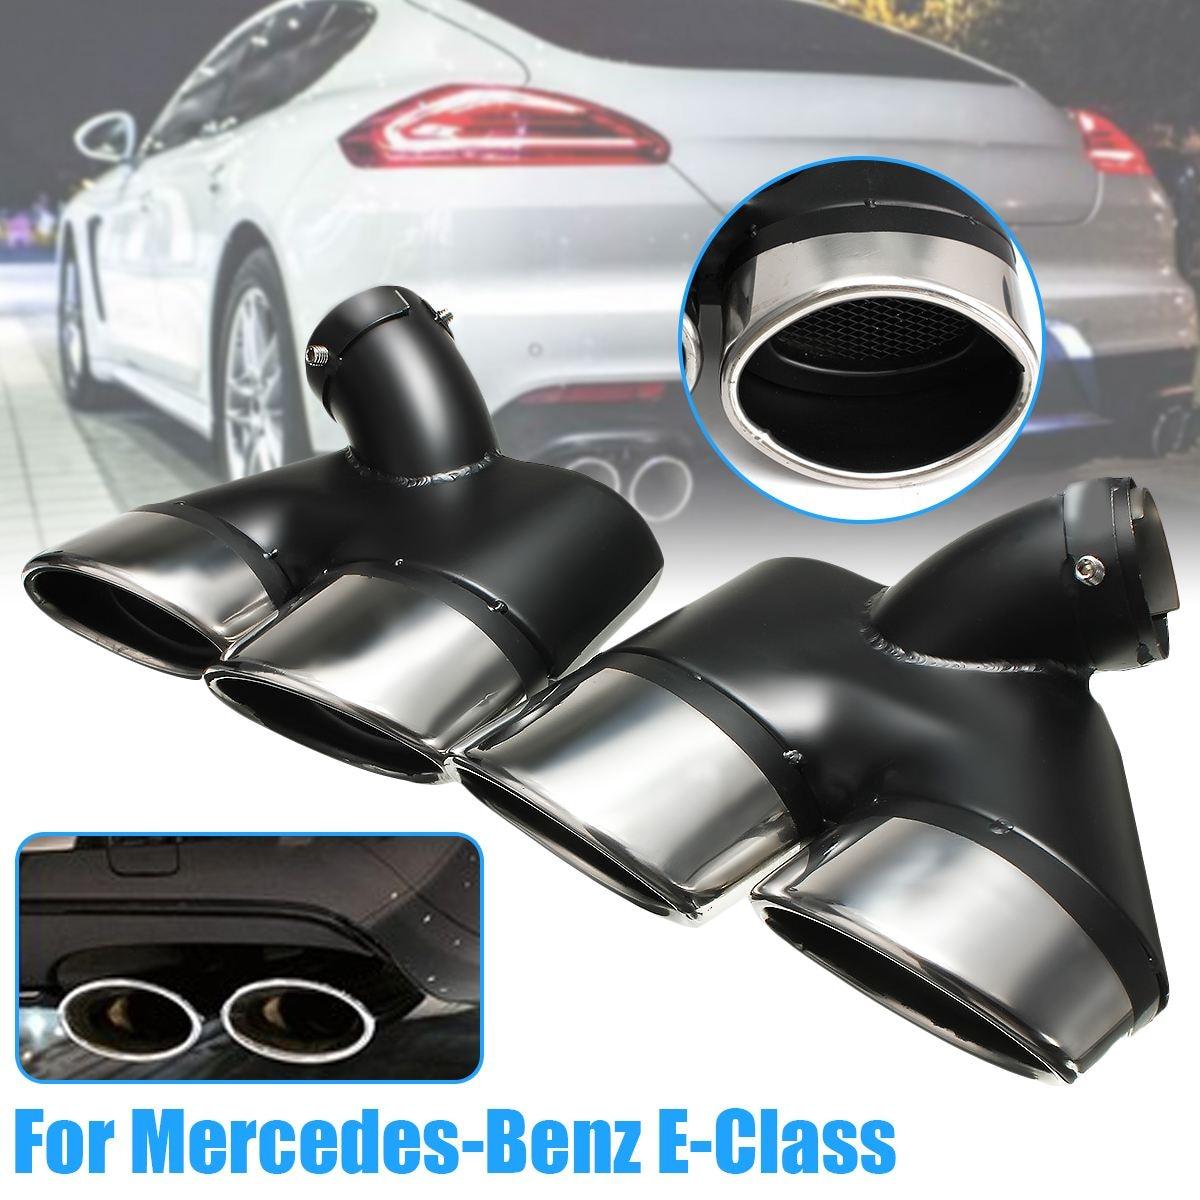 2 pcs Voiture Embout D'échappement En Acier Inoxydable Silencieux Tuyau Pour Mercedes-Benz W211 E-Classe E240 E280 E320 e350 E430 Pour AMG 2002-2007